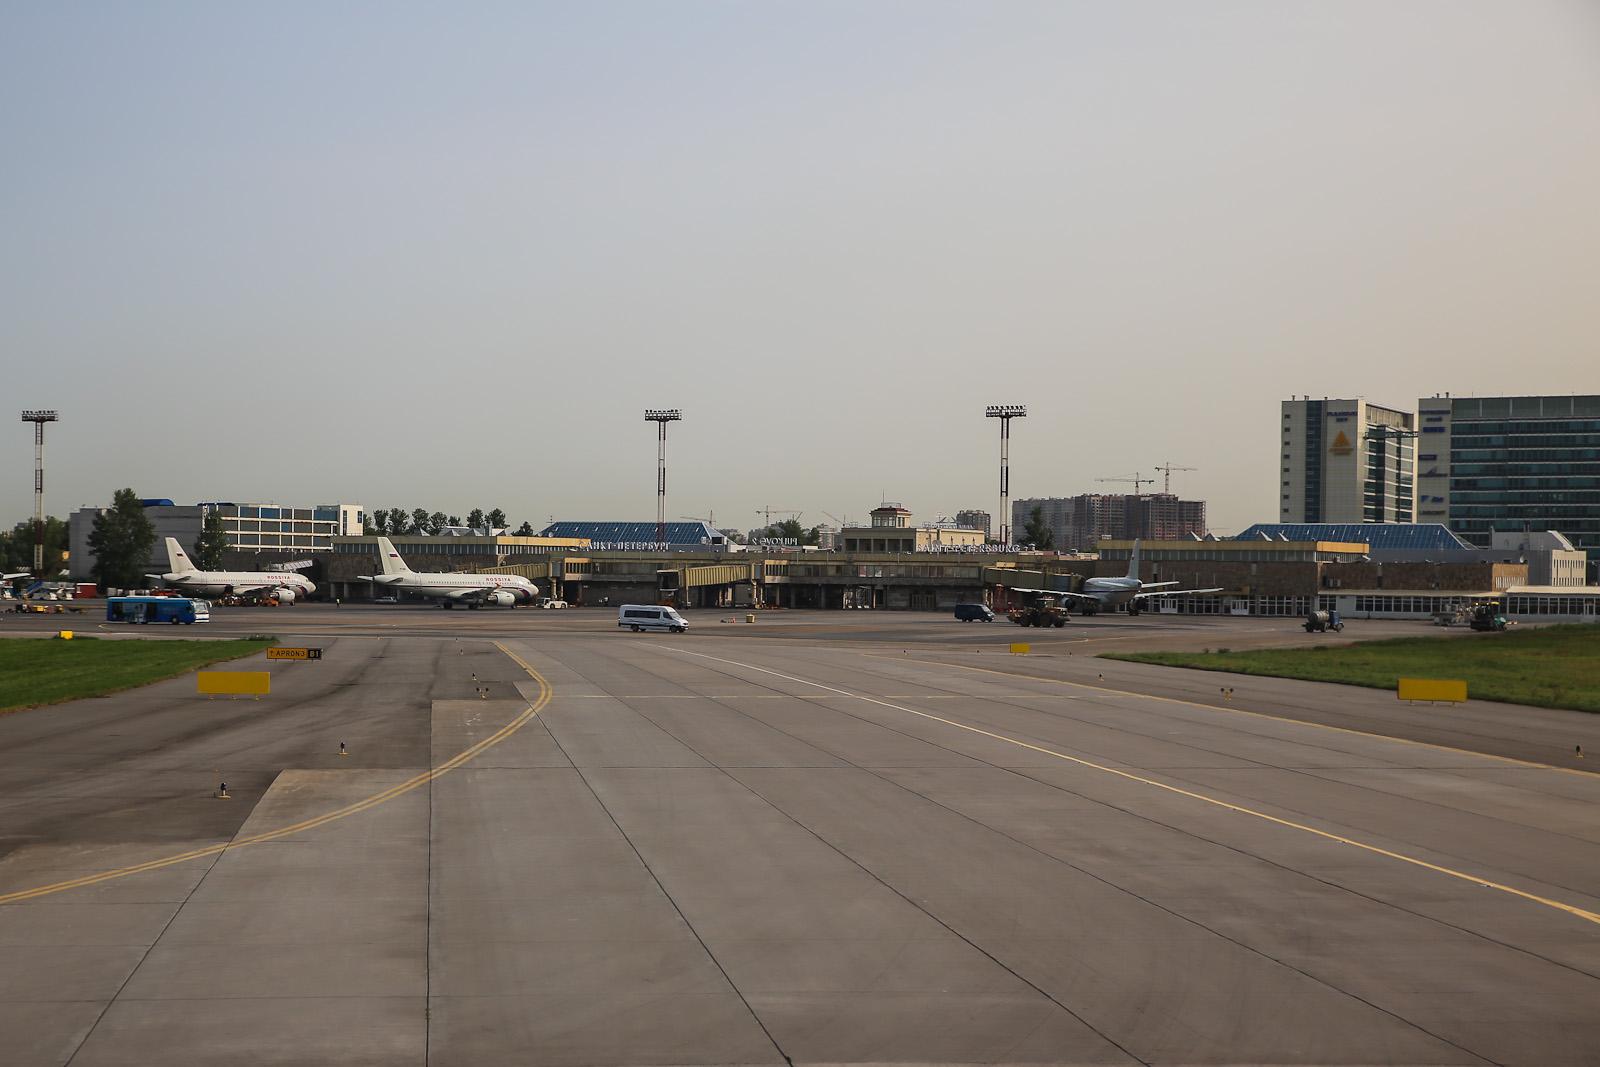 Аэровокзальный комплекс Пулково-2 и прилегающий перрон